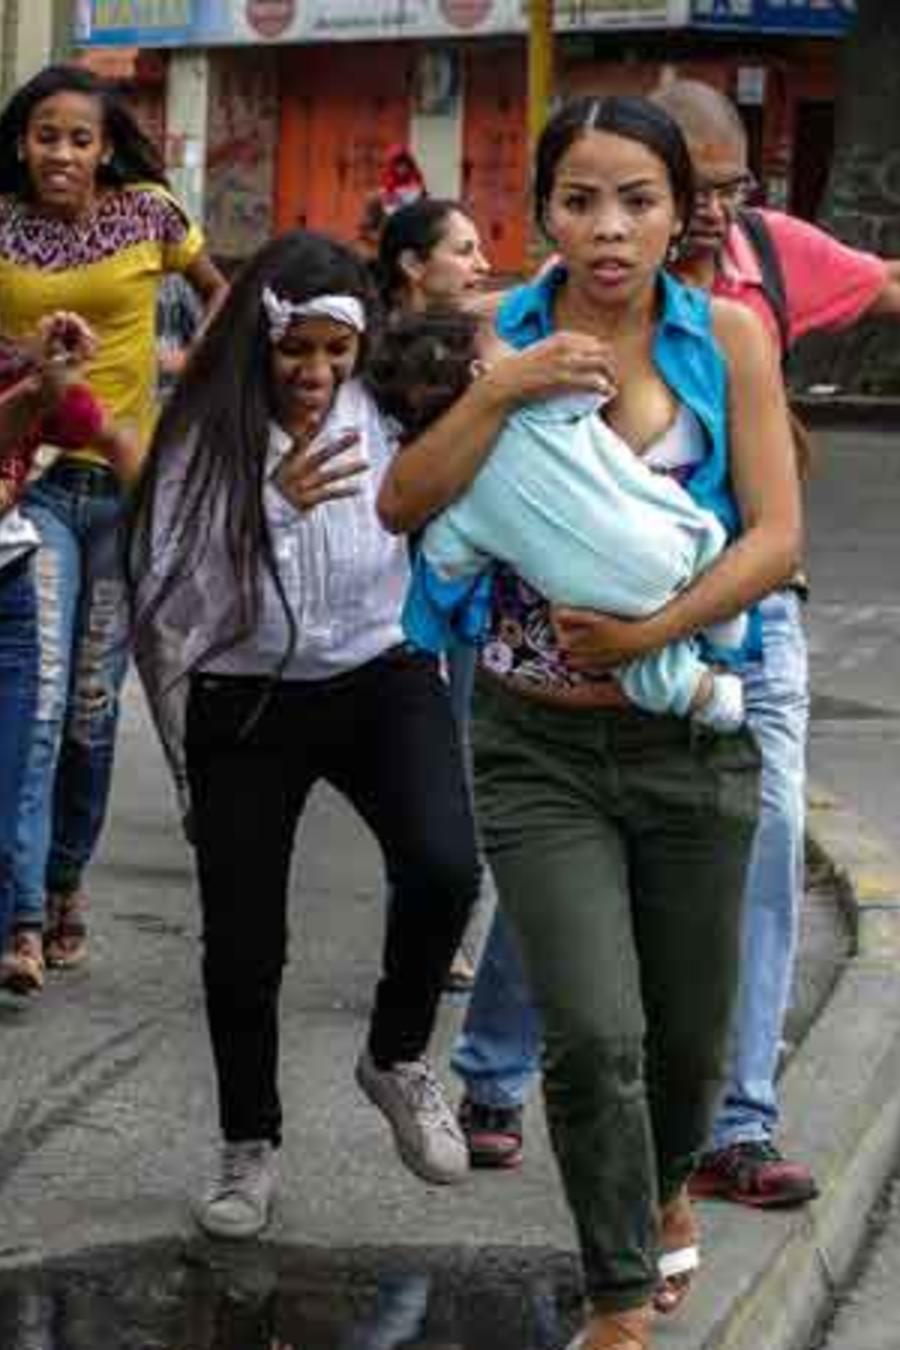 Manifestantes en Venezuela corren de la fuerza pública ante el temor de ser agredidos